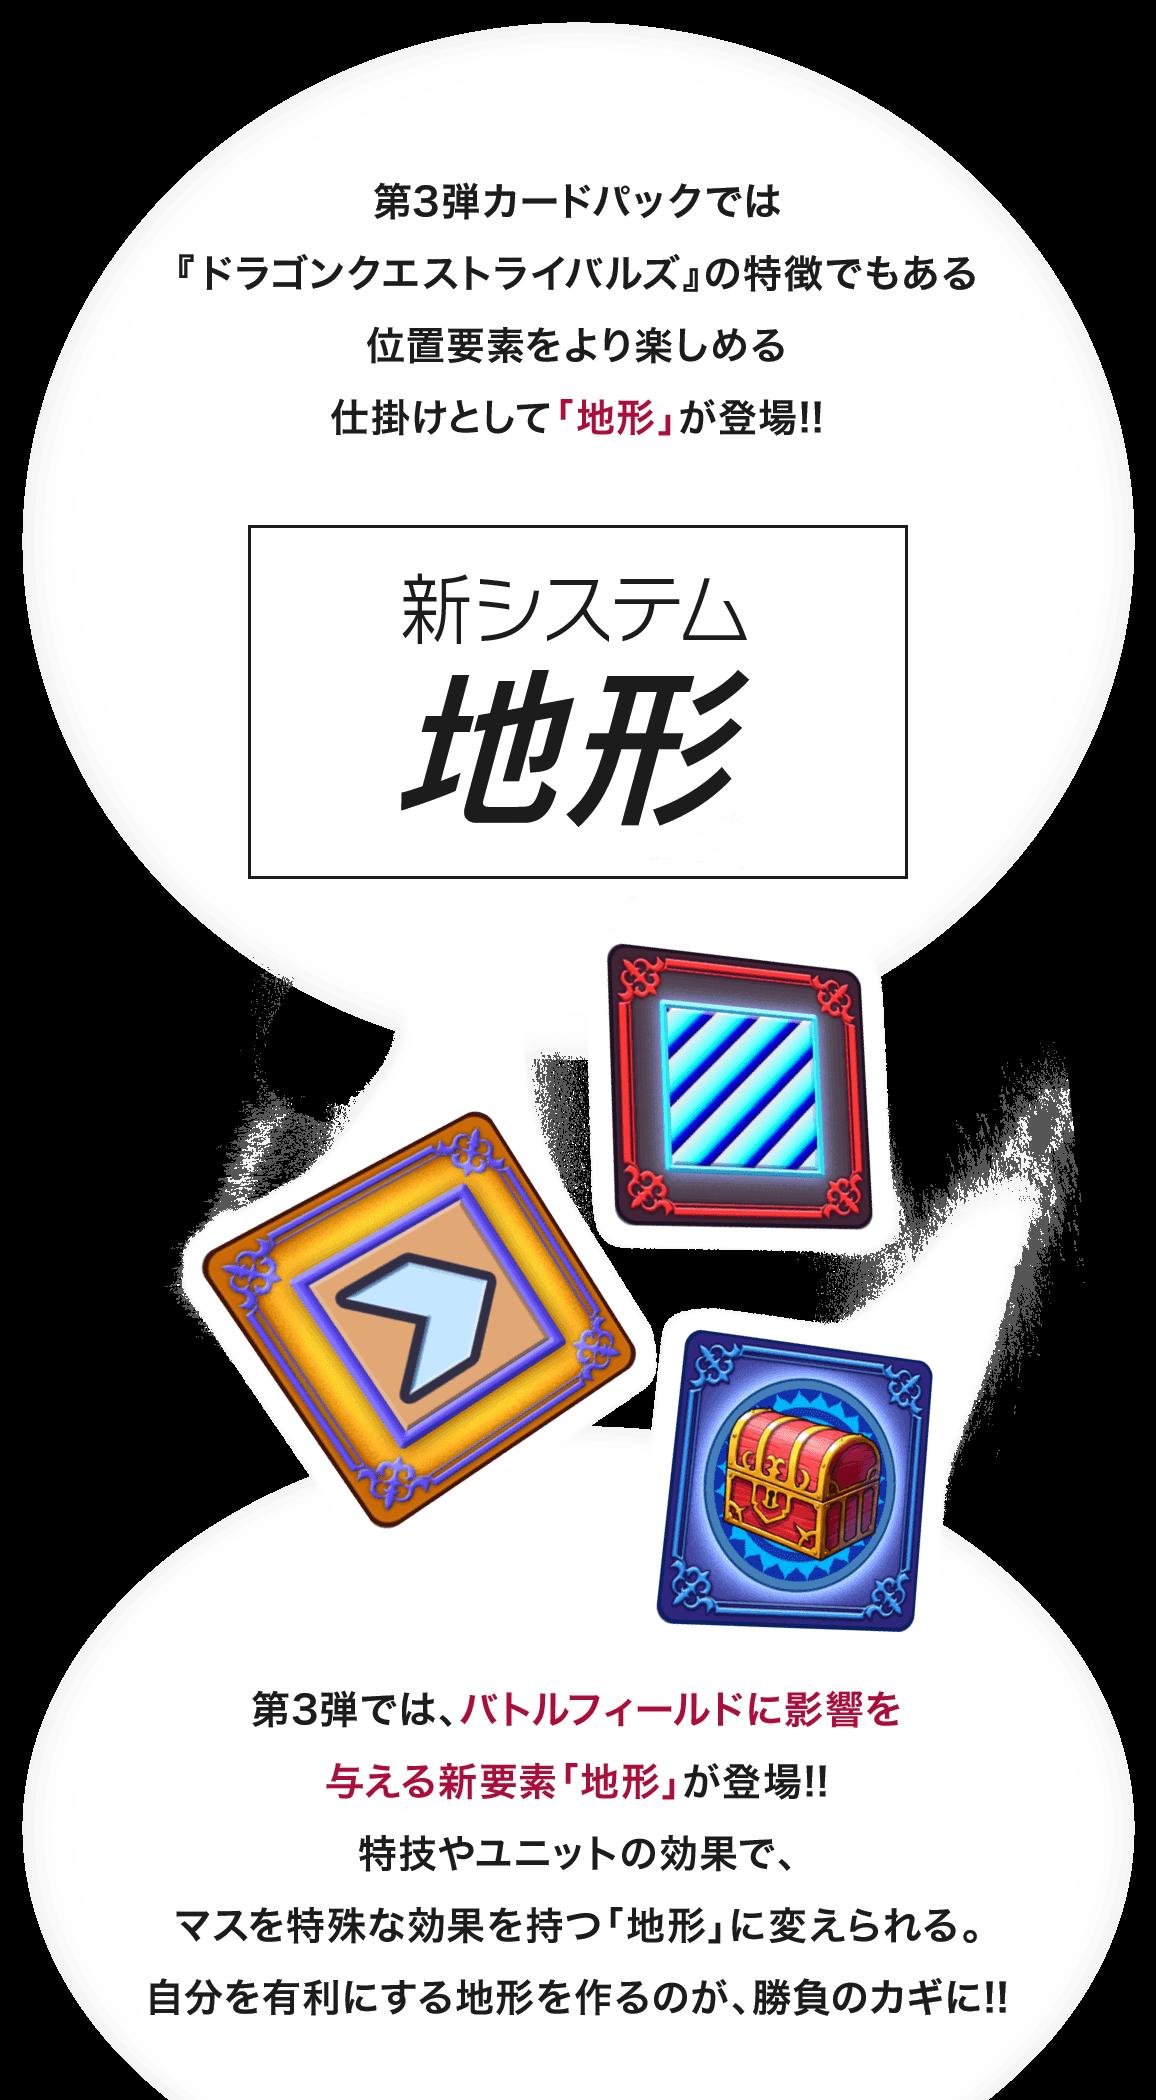 第3弾カードパックでは『ドラゴンクエストライバルズ』の特徴でもある位置要素をより楽しめる仕掛けとして「地形」が登場!! 新システム「地形」 第3弾では、バトルフィールドに影響を与える新要素「地形」が登場!!特技やユニットの効果で、マスを特殊な効果を持つ「地形」に変えられる。自分を有利にする地形を作るのが、勝負のカギに!!